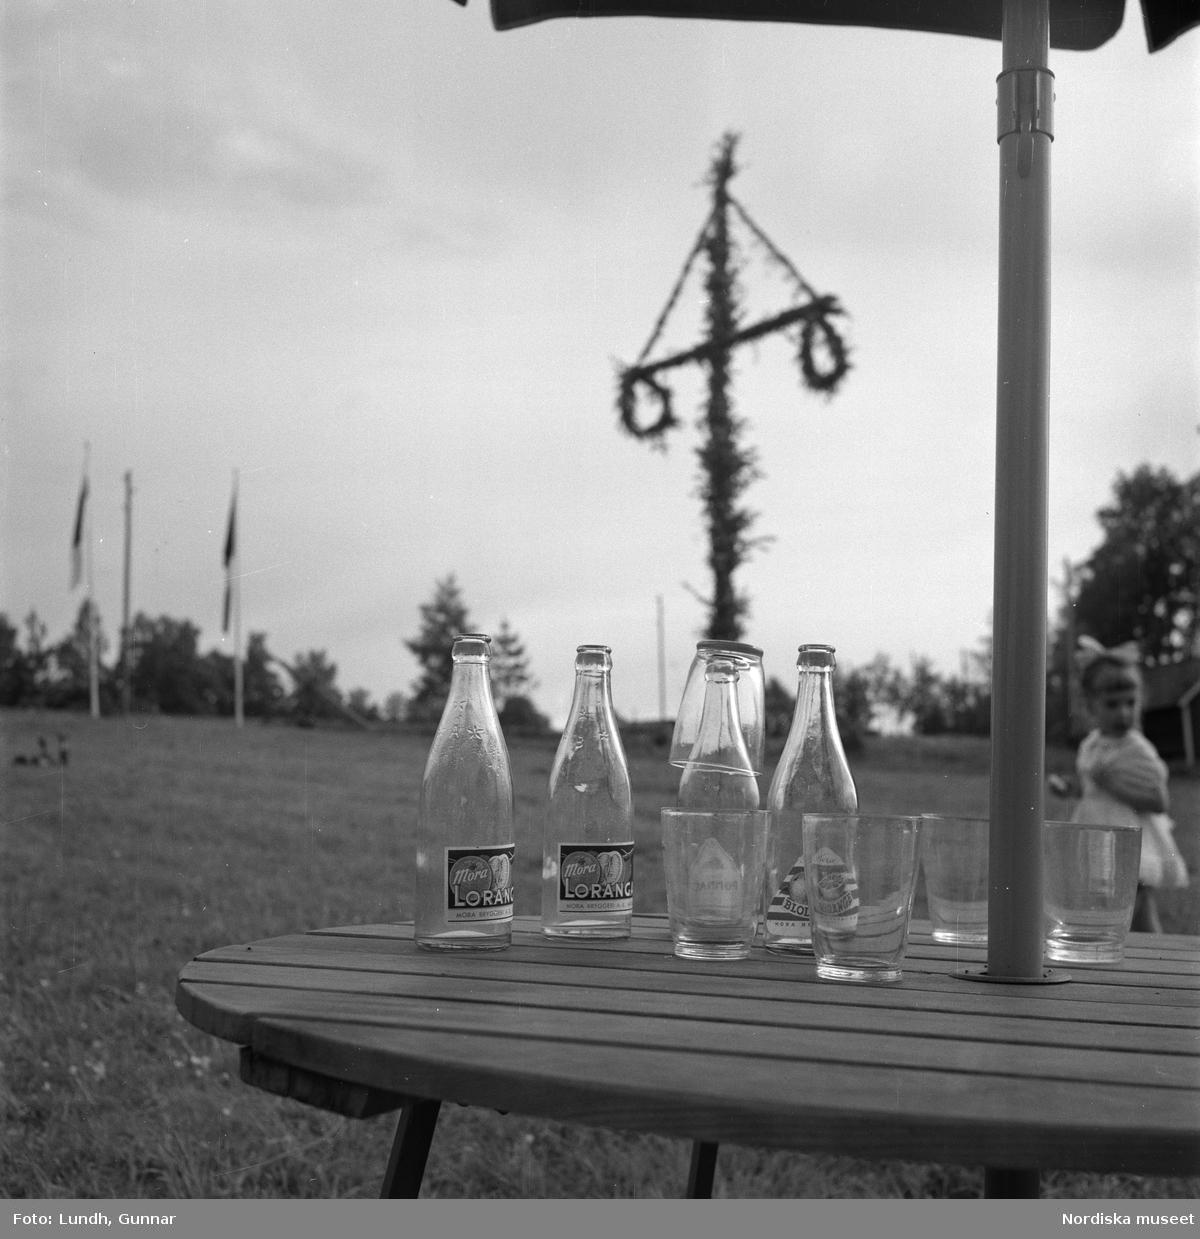 """Motiv: (ingen anteckning) (Lerdalshöjden) ; Tre män spelar fiol vid en midsommarstång, vuxna och barn dansar kring en midsommarstång, en pojke och en kvinna står på en balkong, en flicka - en man och en kvinna sitter vid ett trädgårdsbord under ett parasoll och äter, tomma flaskor av """"Loranga"""" står på ett trädgårdsbord med en midsommarstång i bakgrunden."""